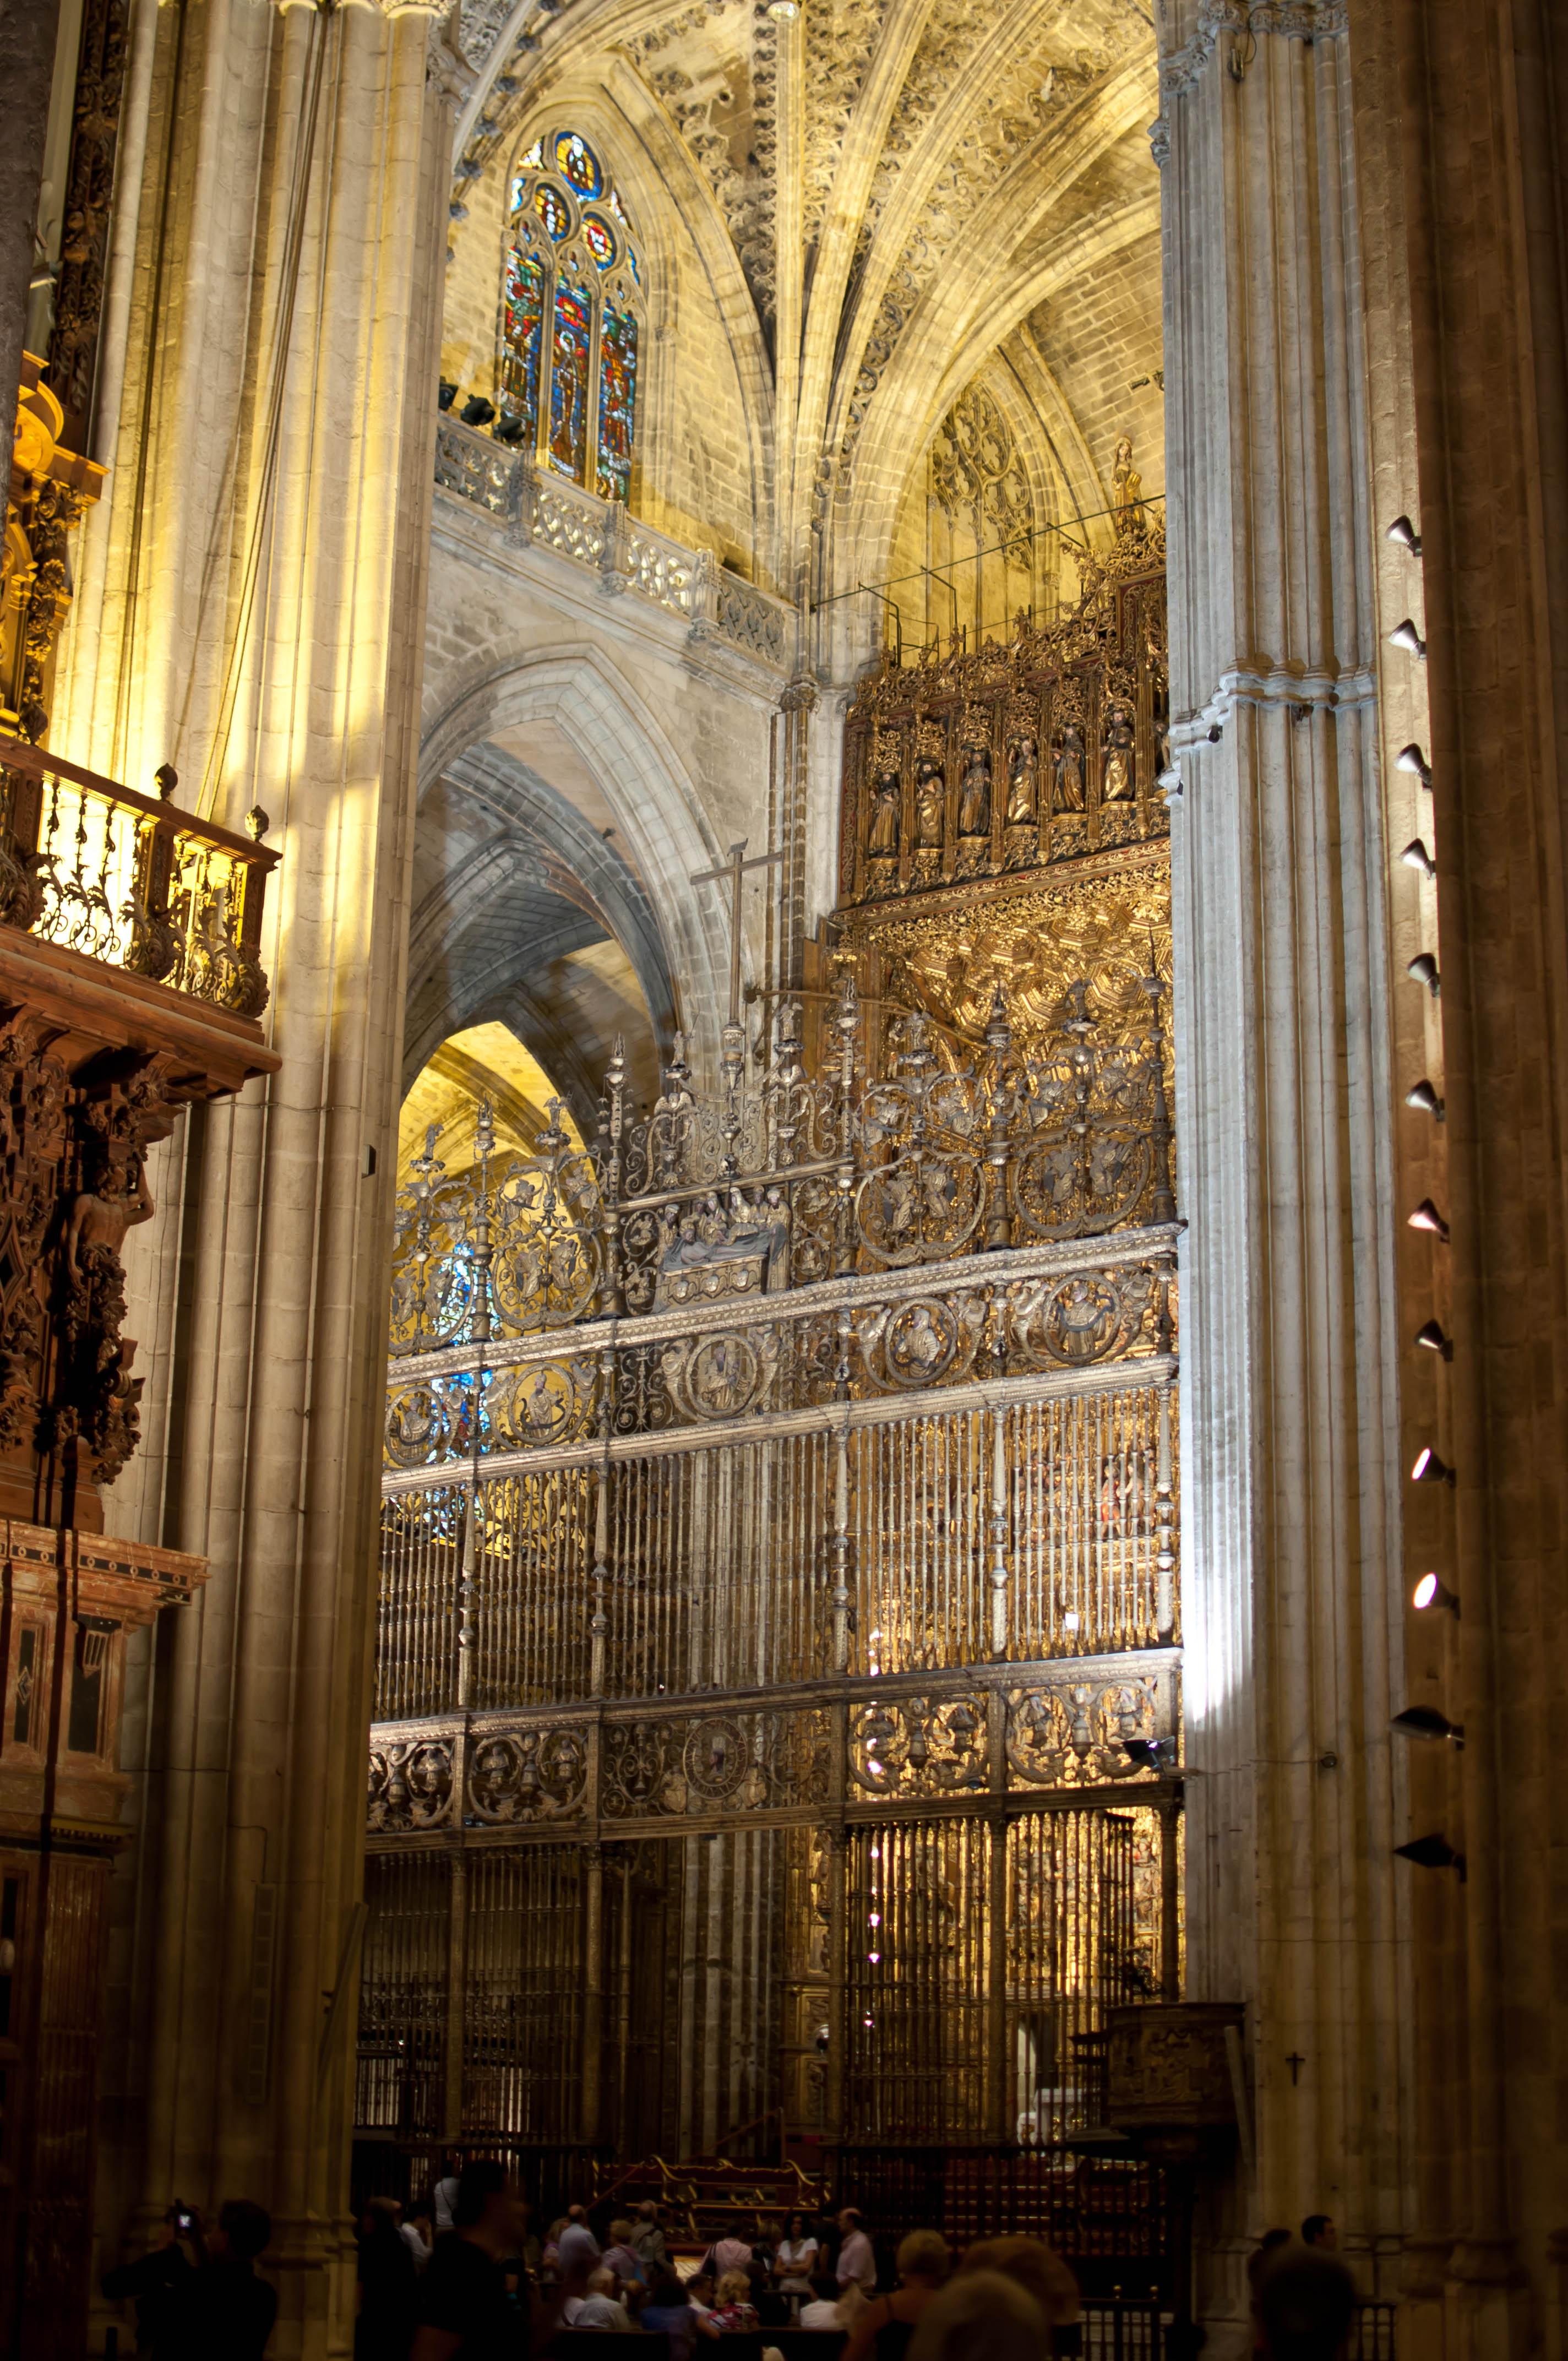 Catedral de sevilla interior de la catedral de sevilla by roberto andradas flickr photo - Catedral de sevilla interior ...